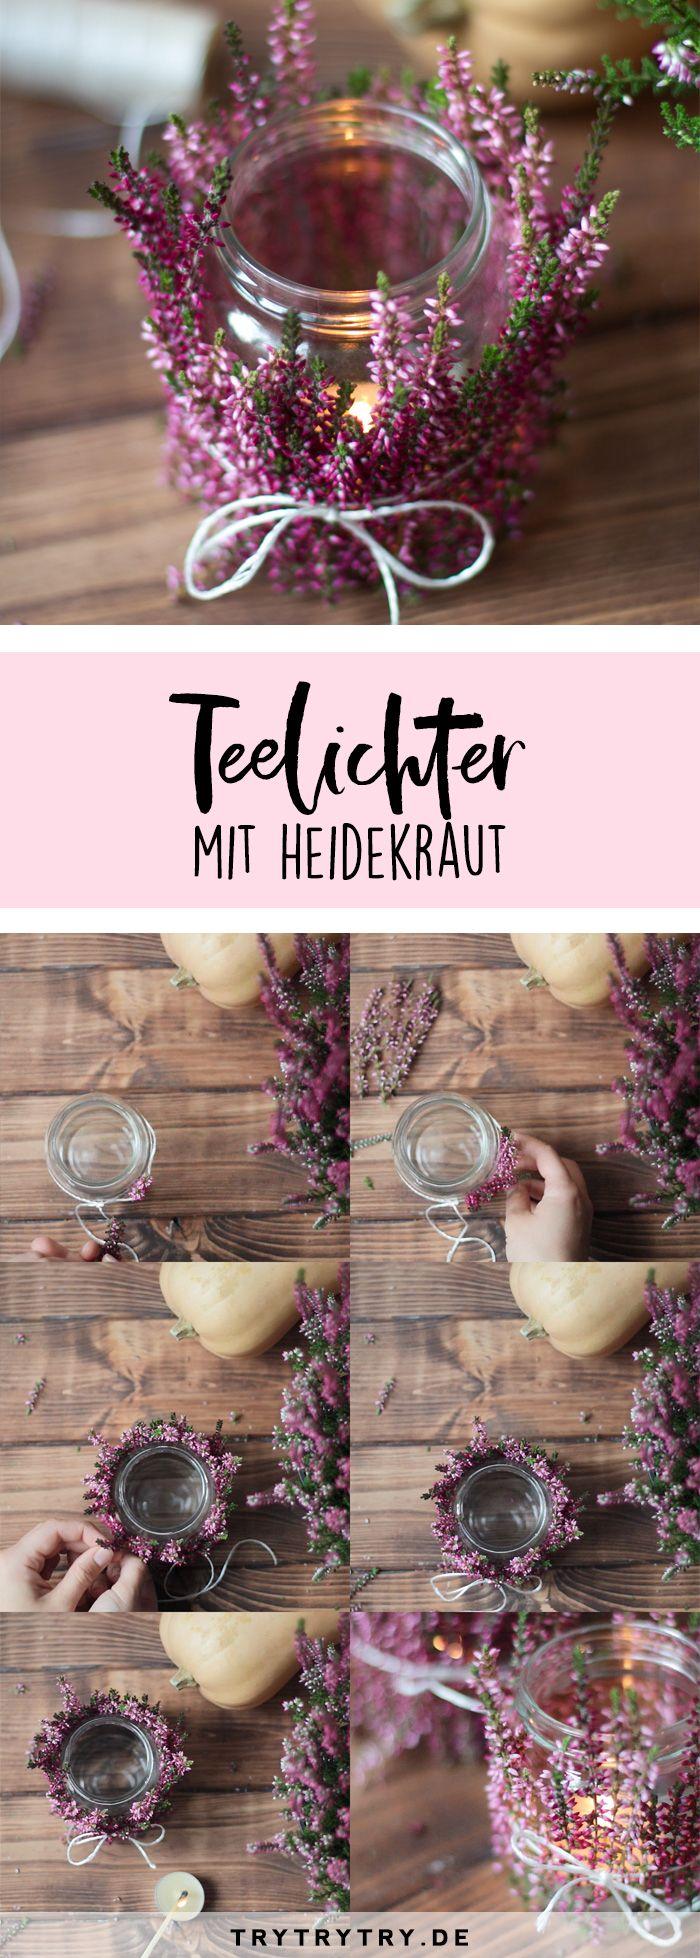 DIY Herbstdeko – Teelichter mit Heidekraut. Super einfache Bastelanleitung für den Herbst, zum Beispiel als Tischdeko